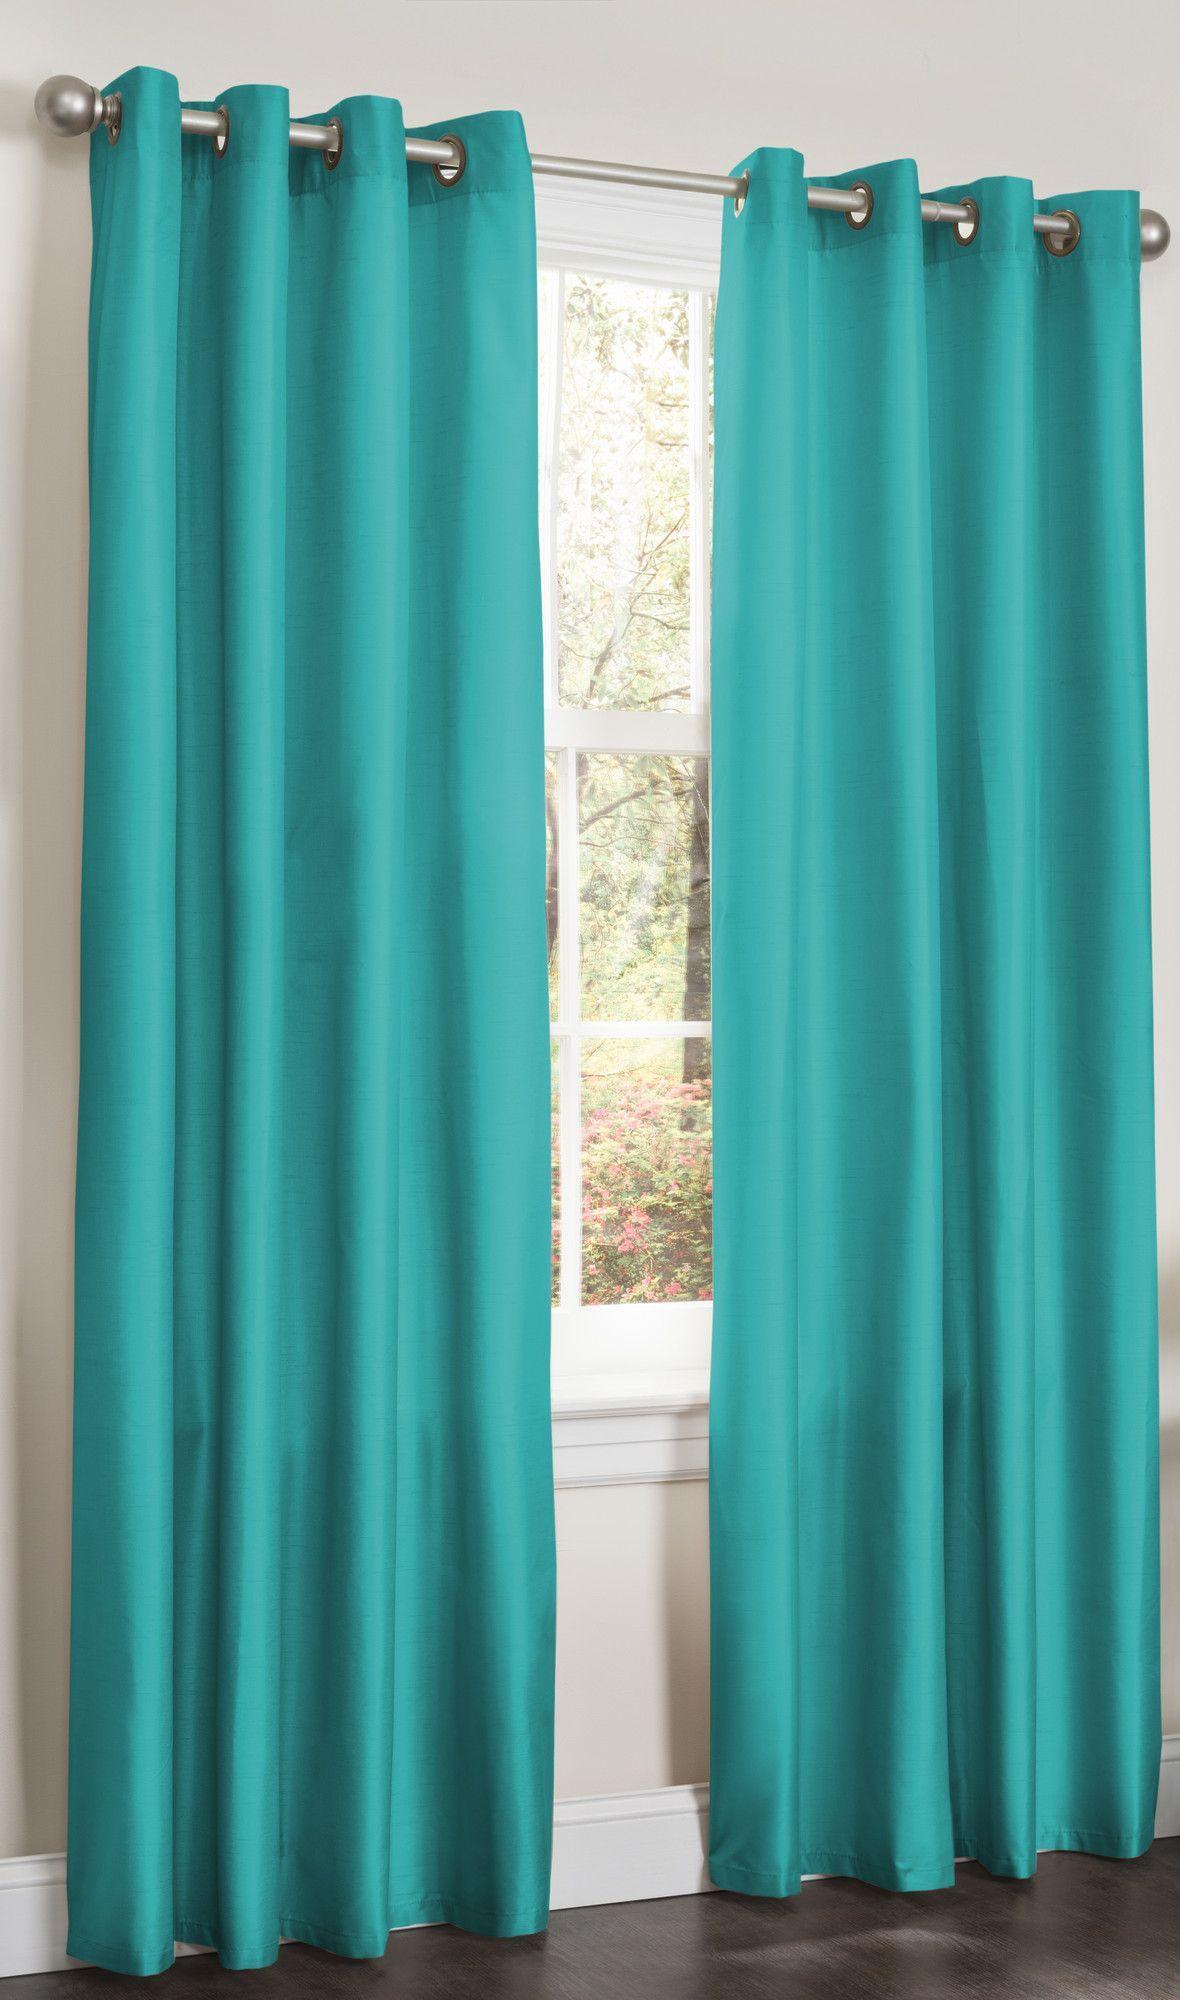 Erin Single Curtain Panel